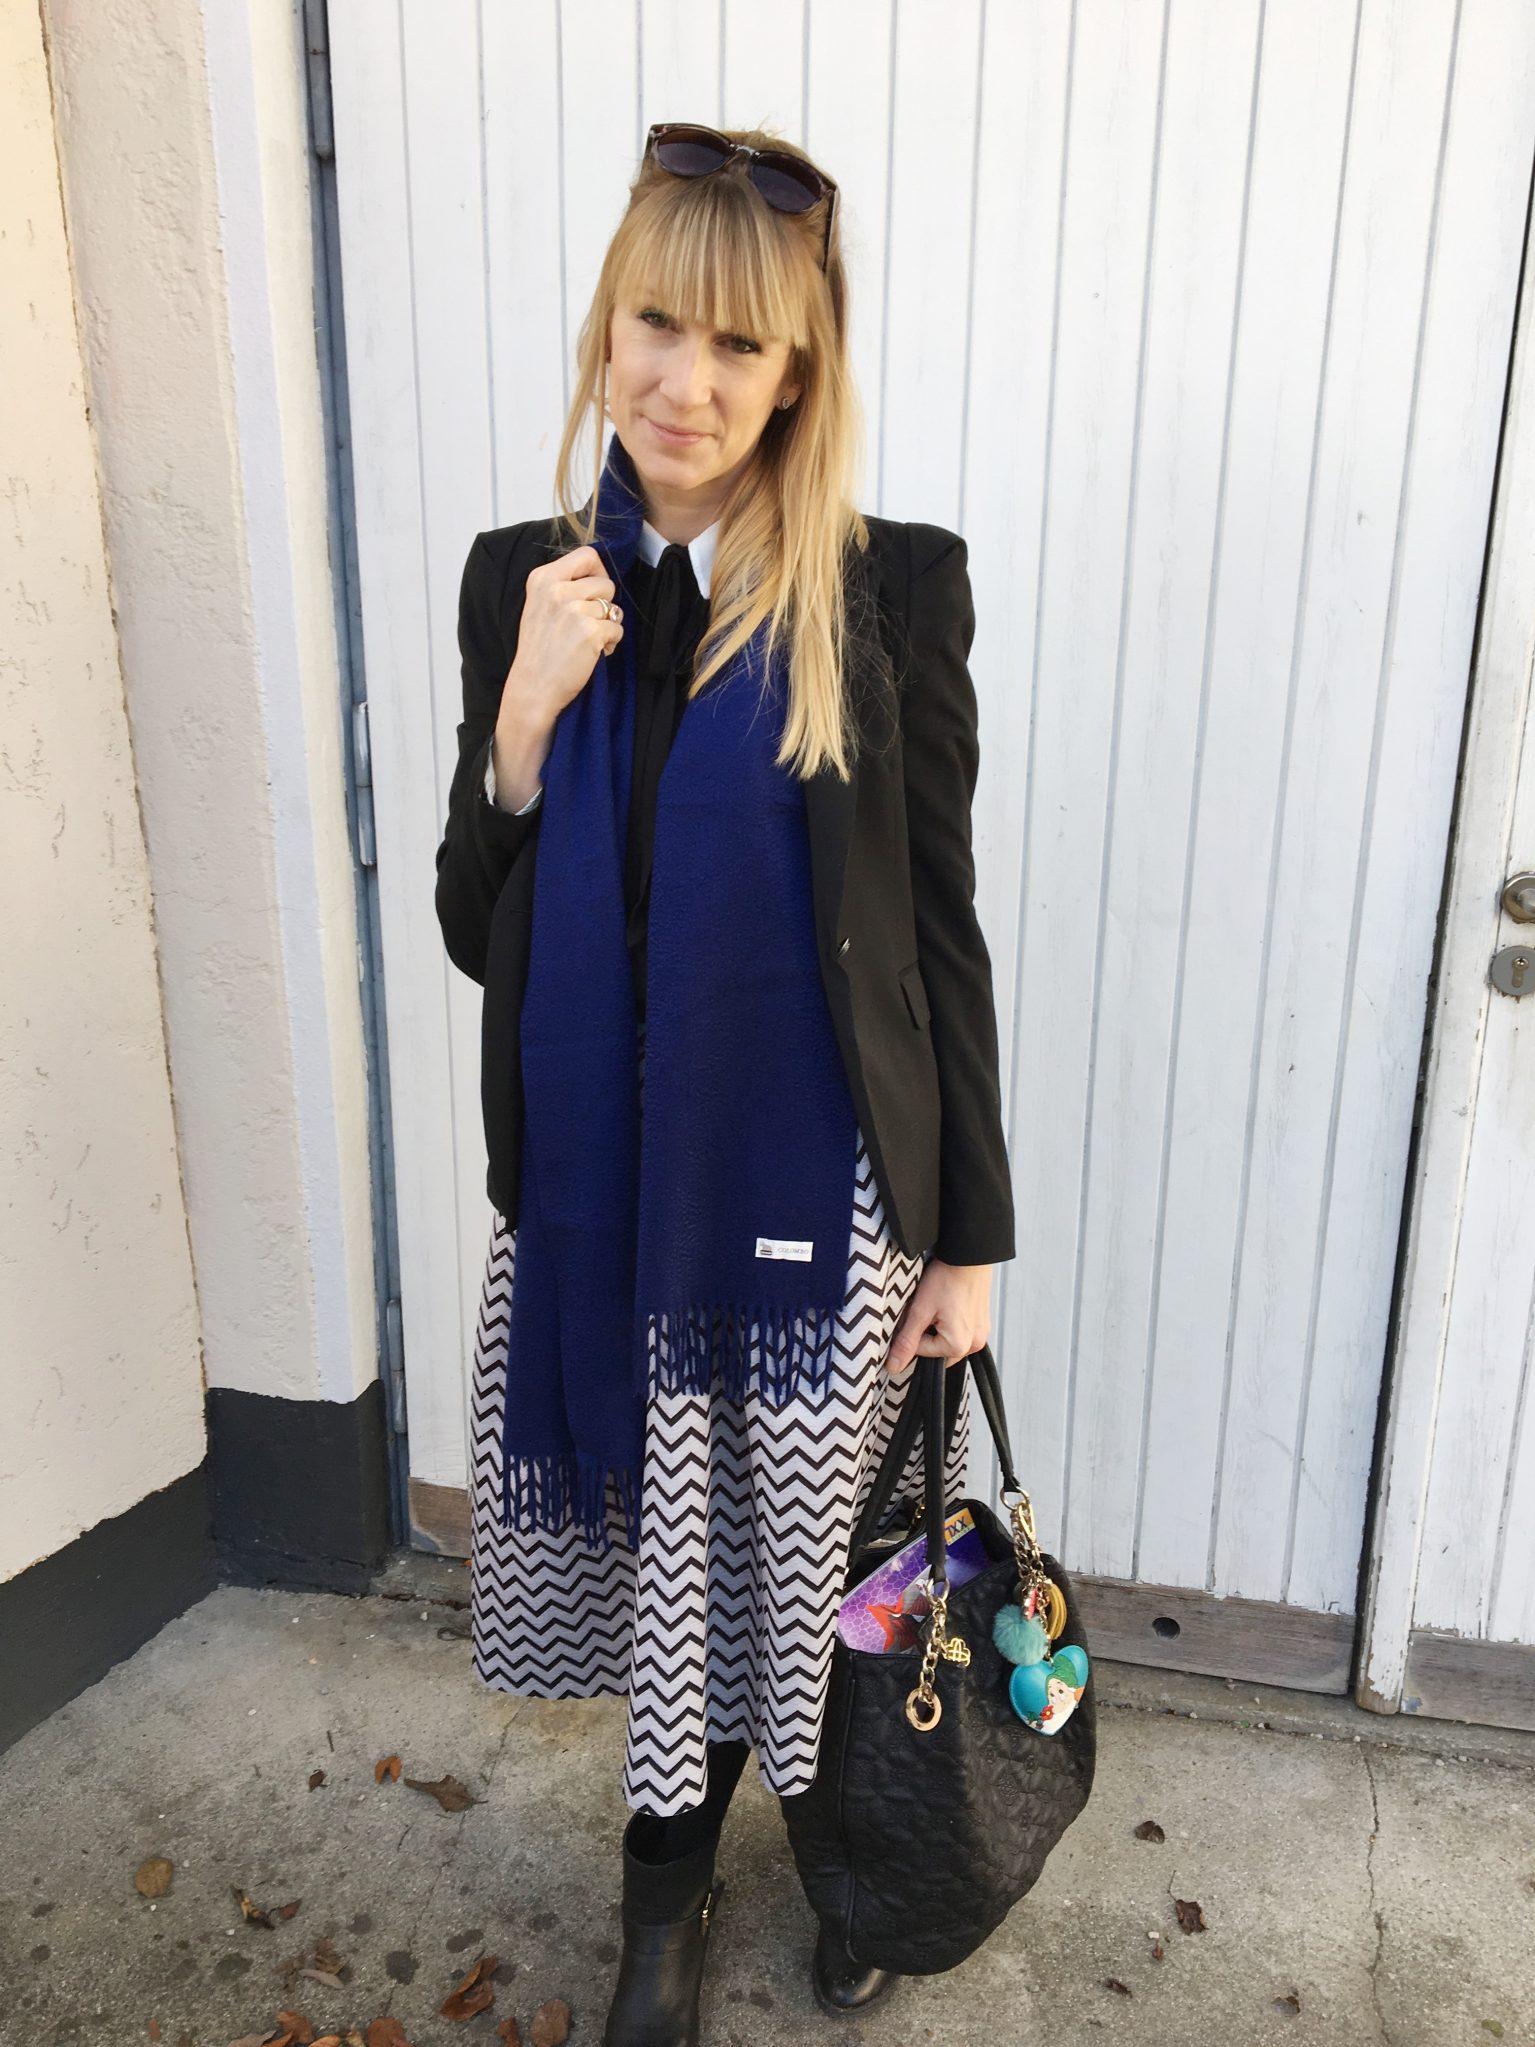 Mein Look für die Feiertage: Bluse mit Schleife zum Tellerrock